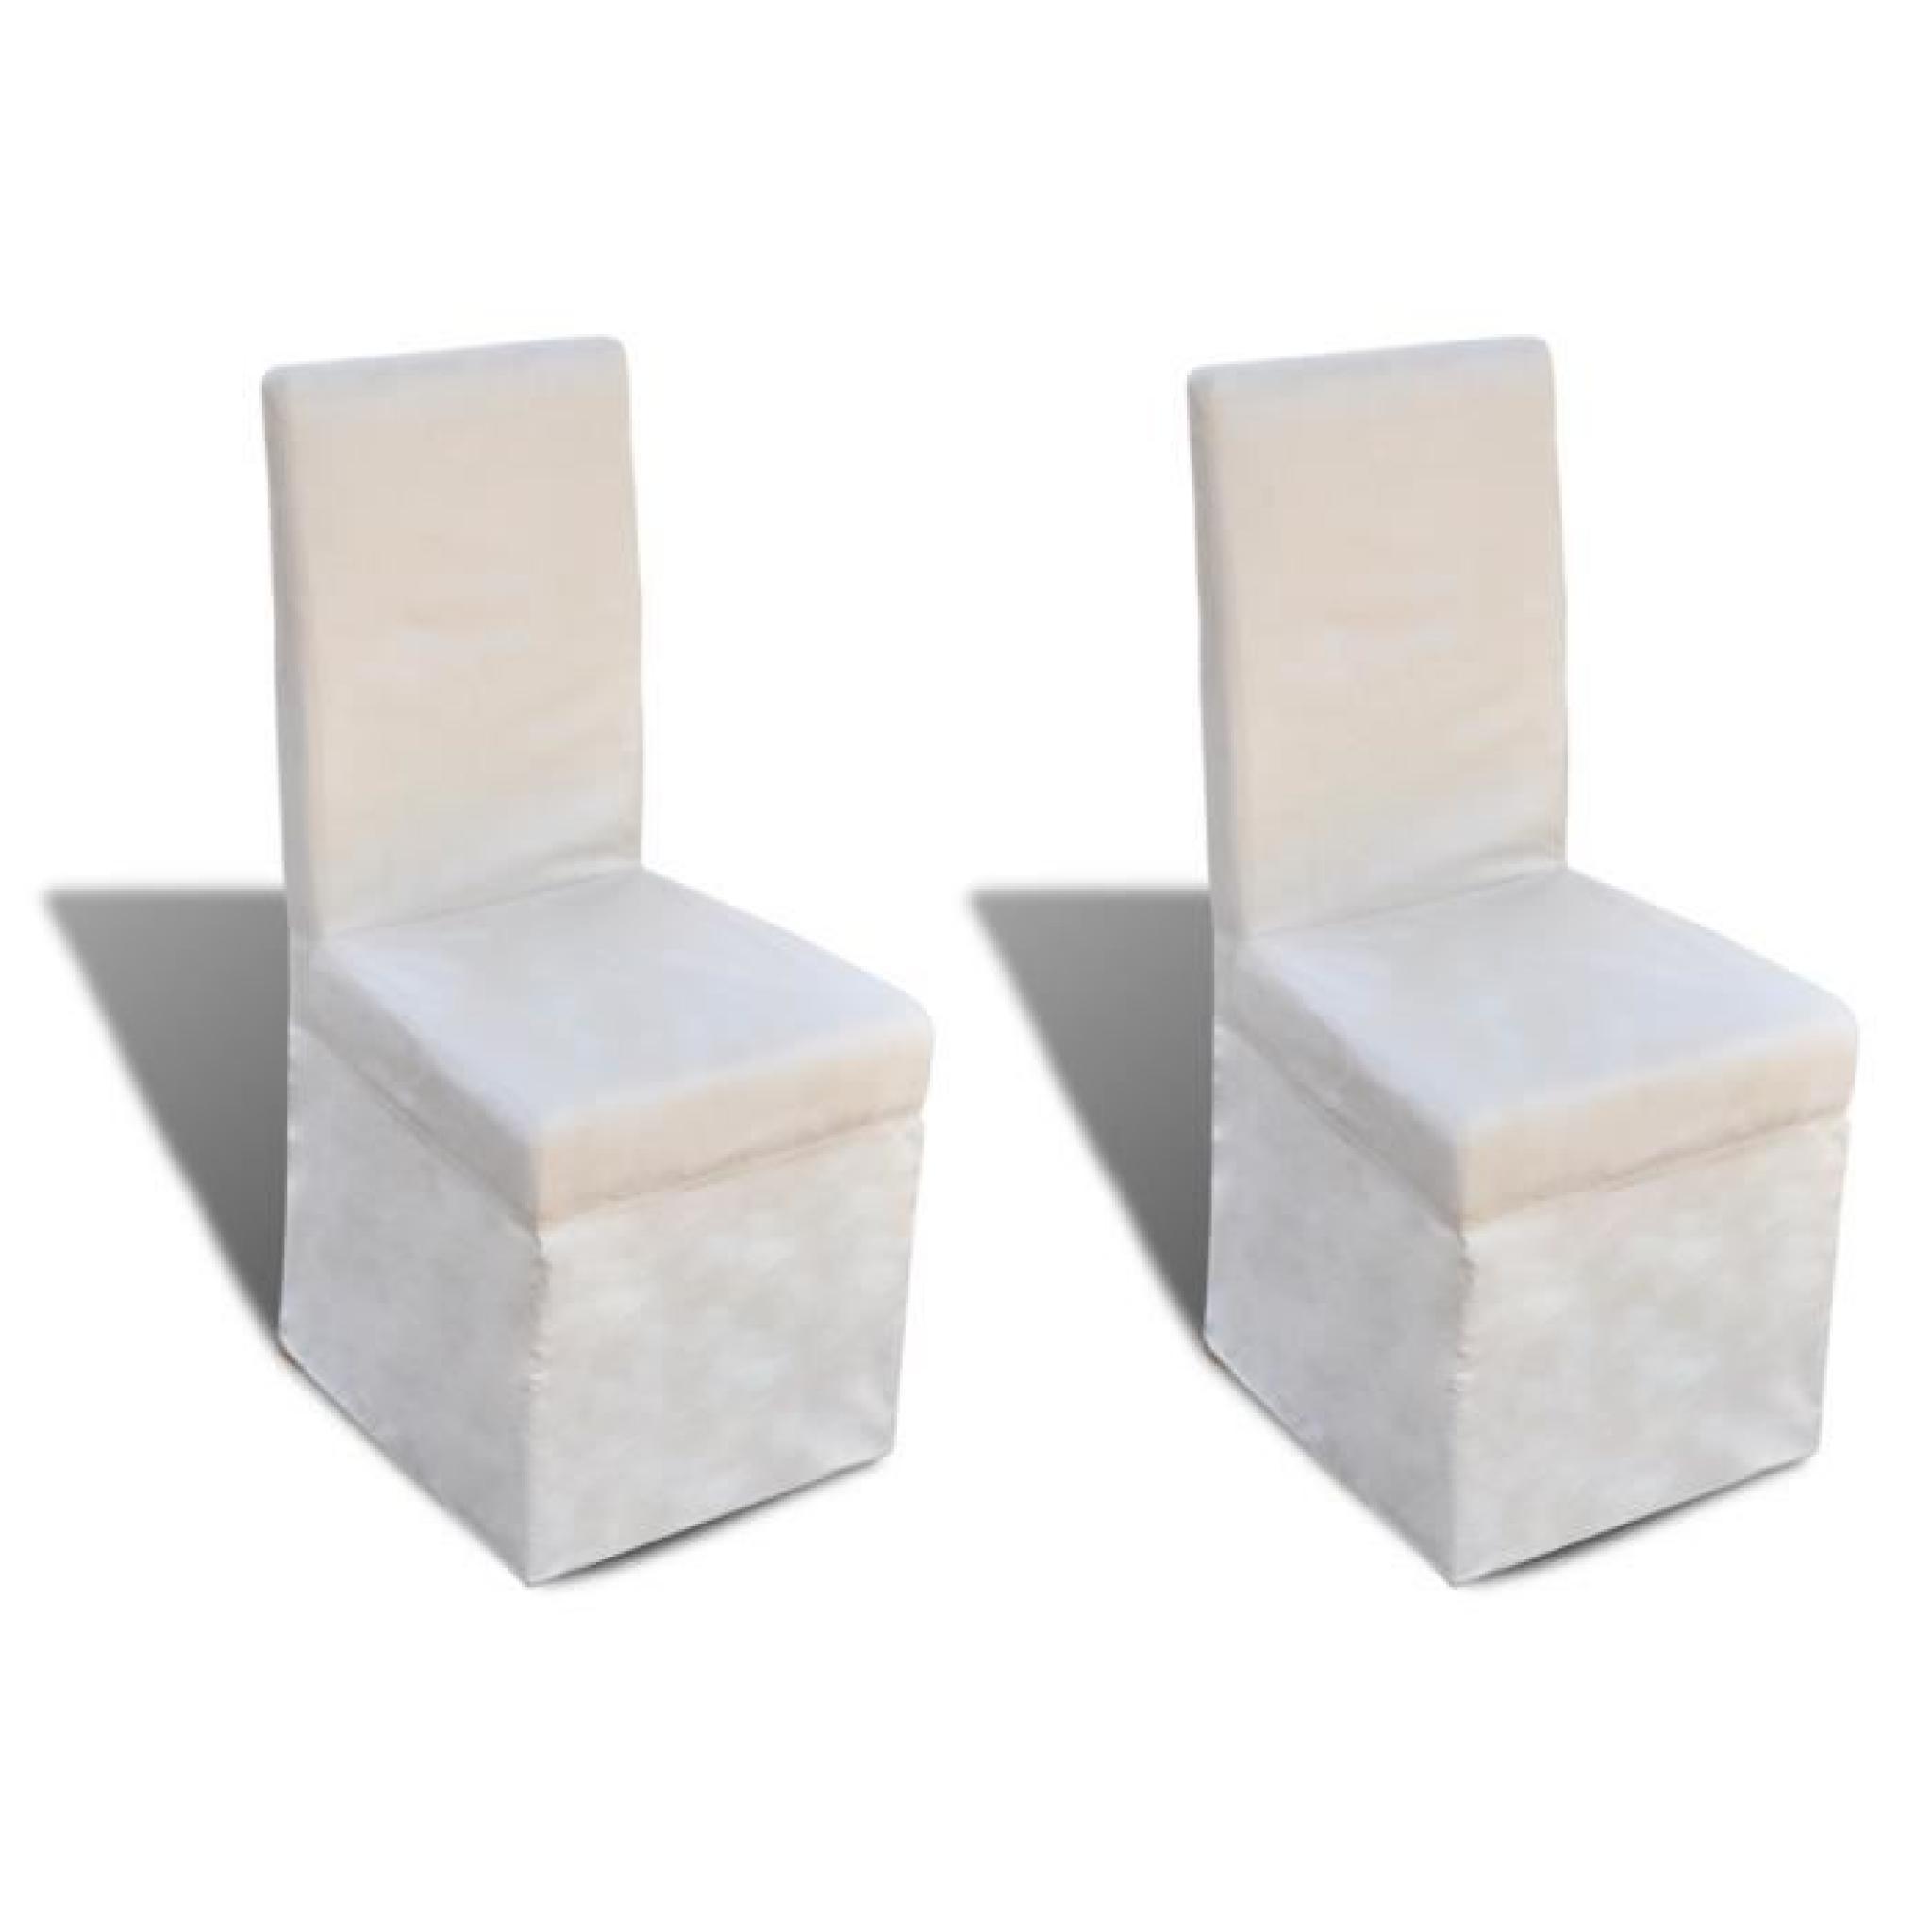 Chaise De Salle A Manger Blanc Creme 2 Pcs